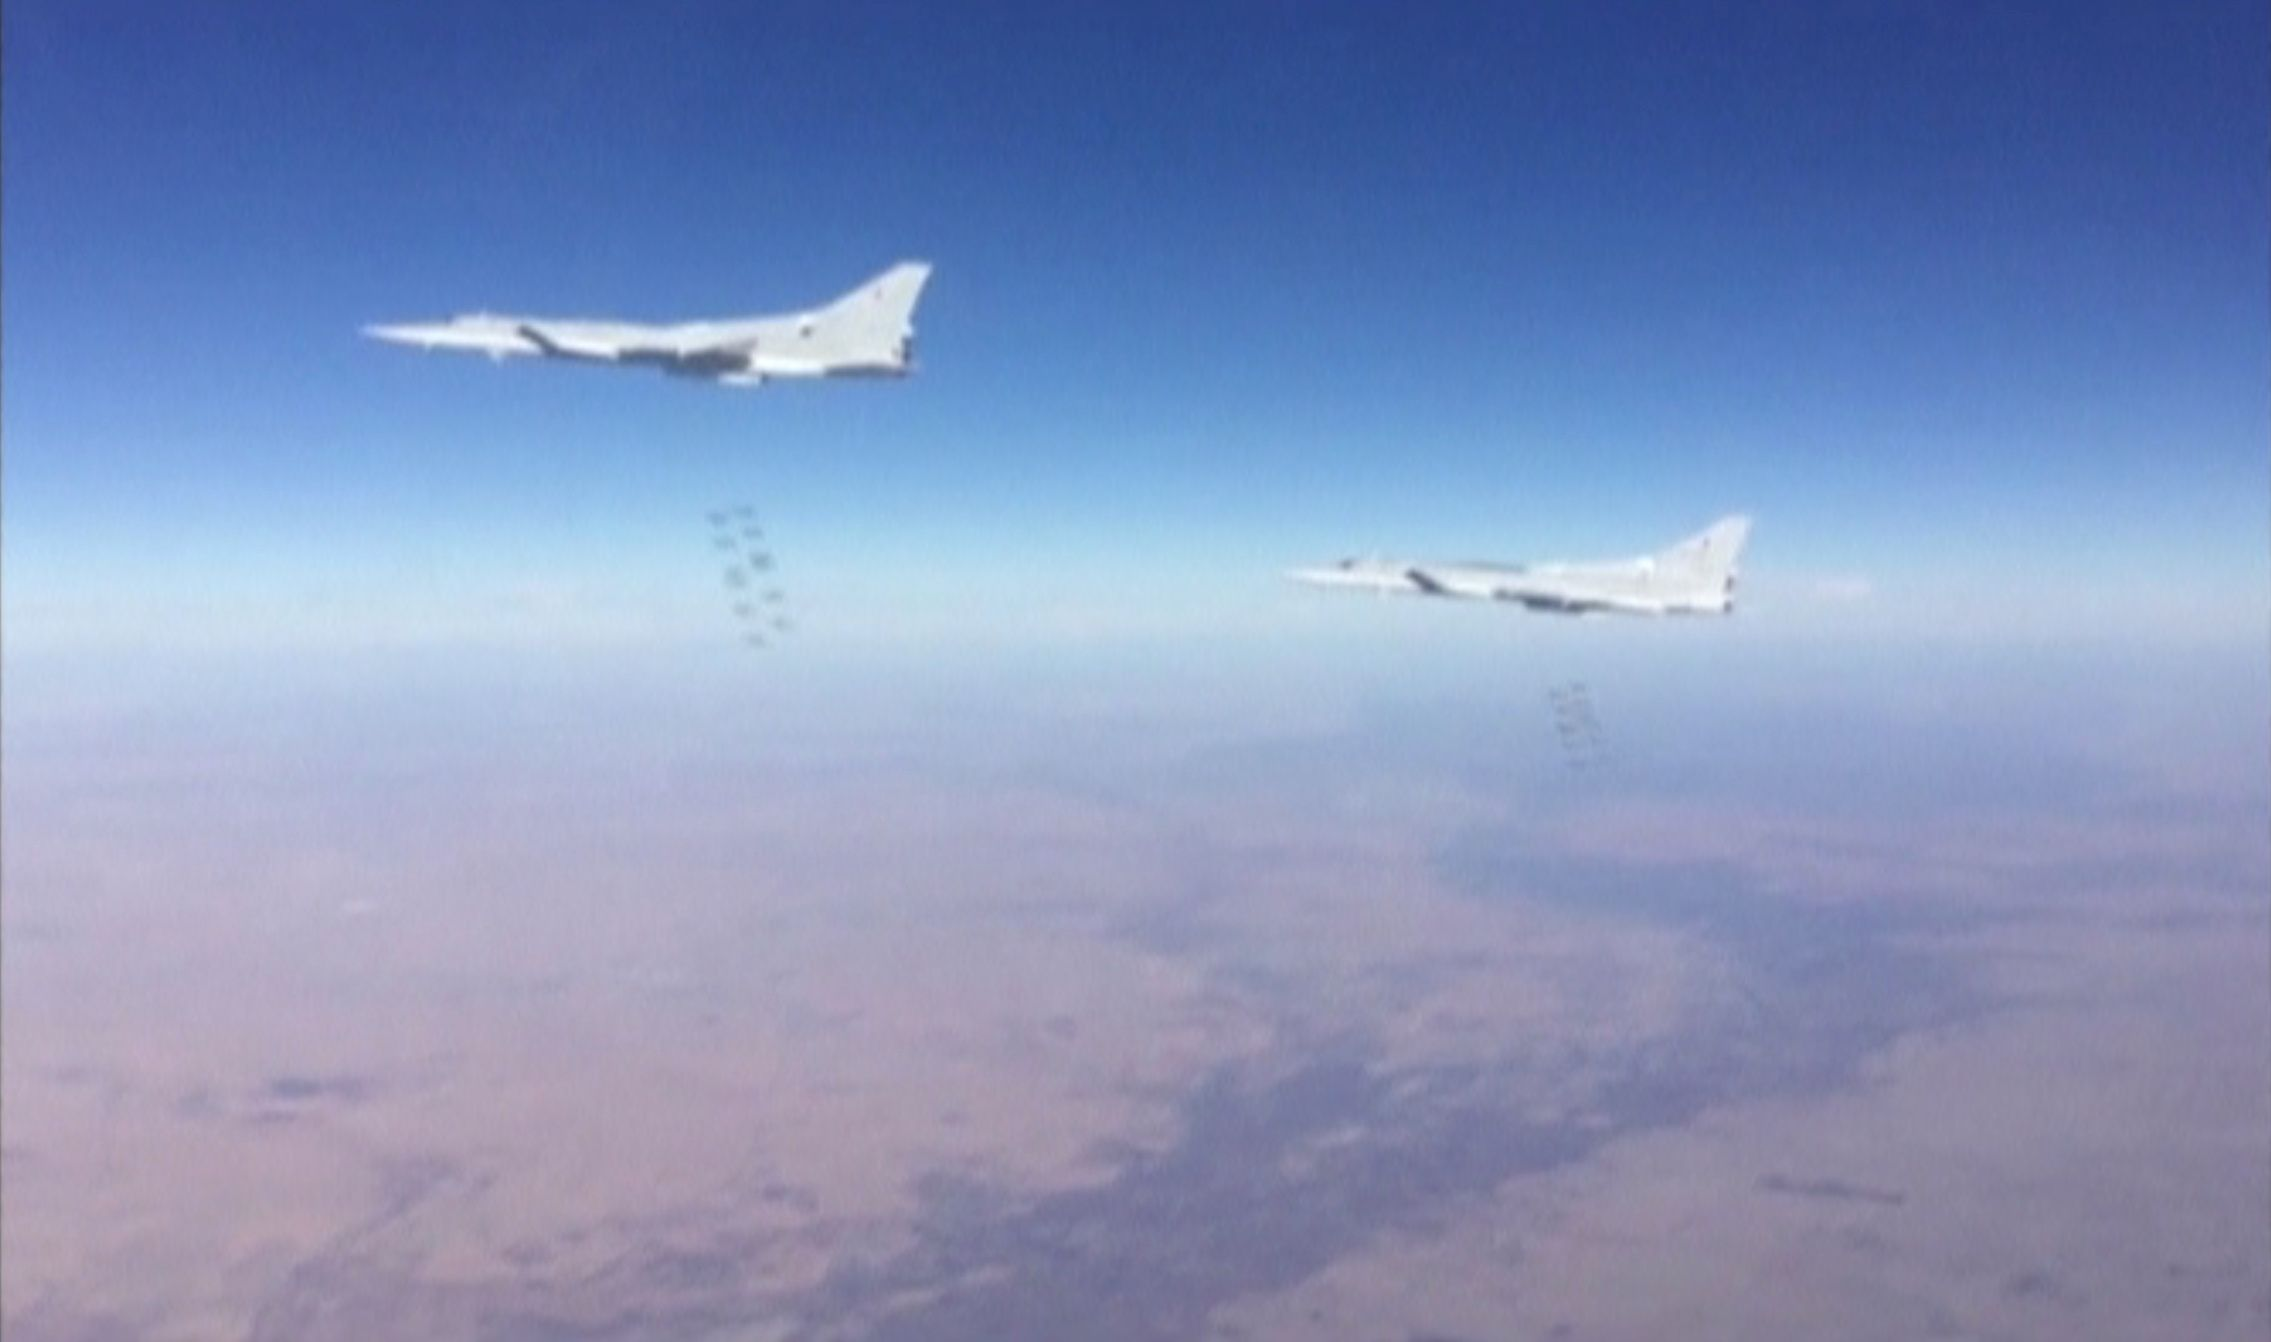 02_11_russianaircraft_01